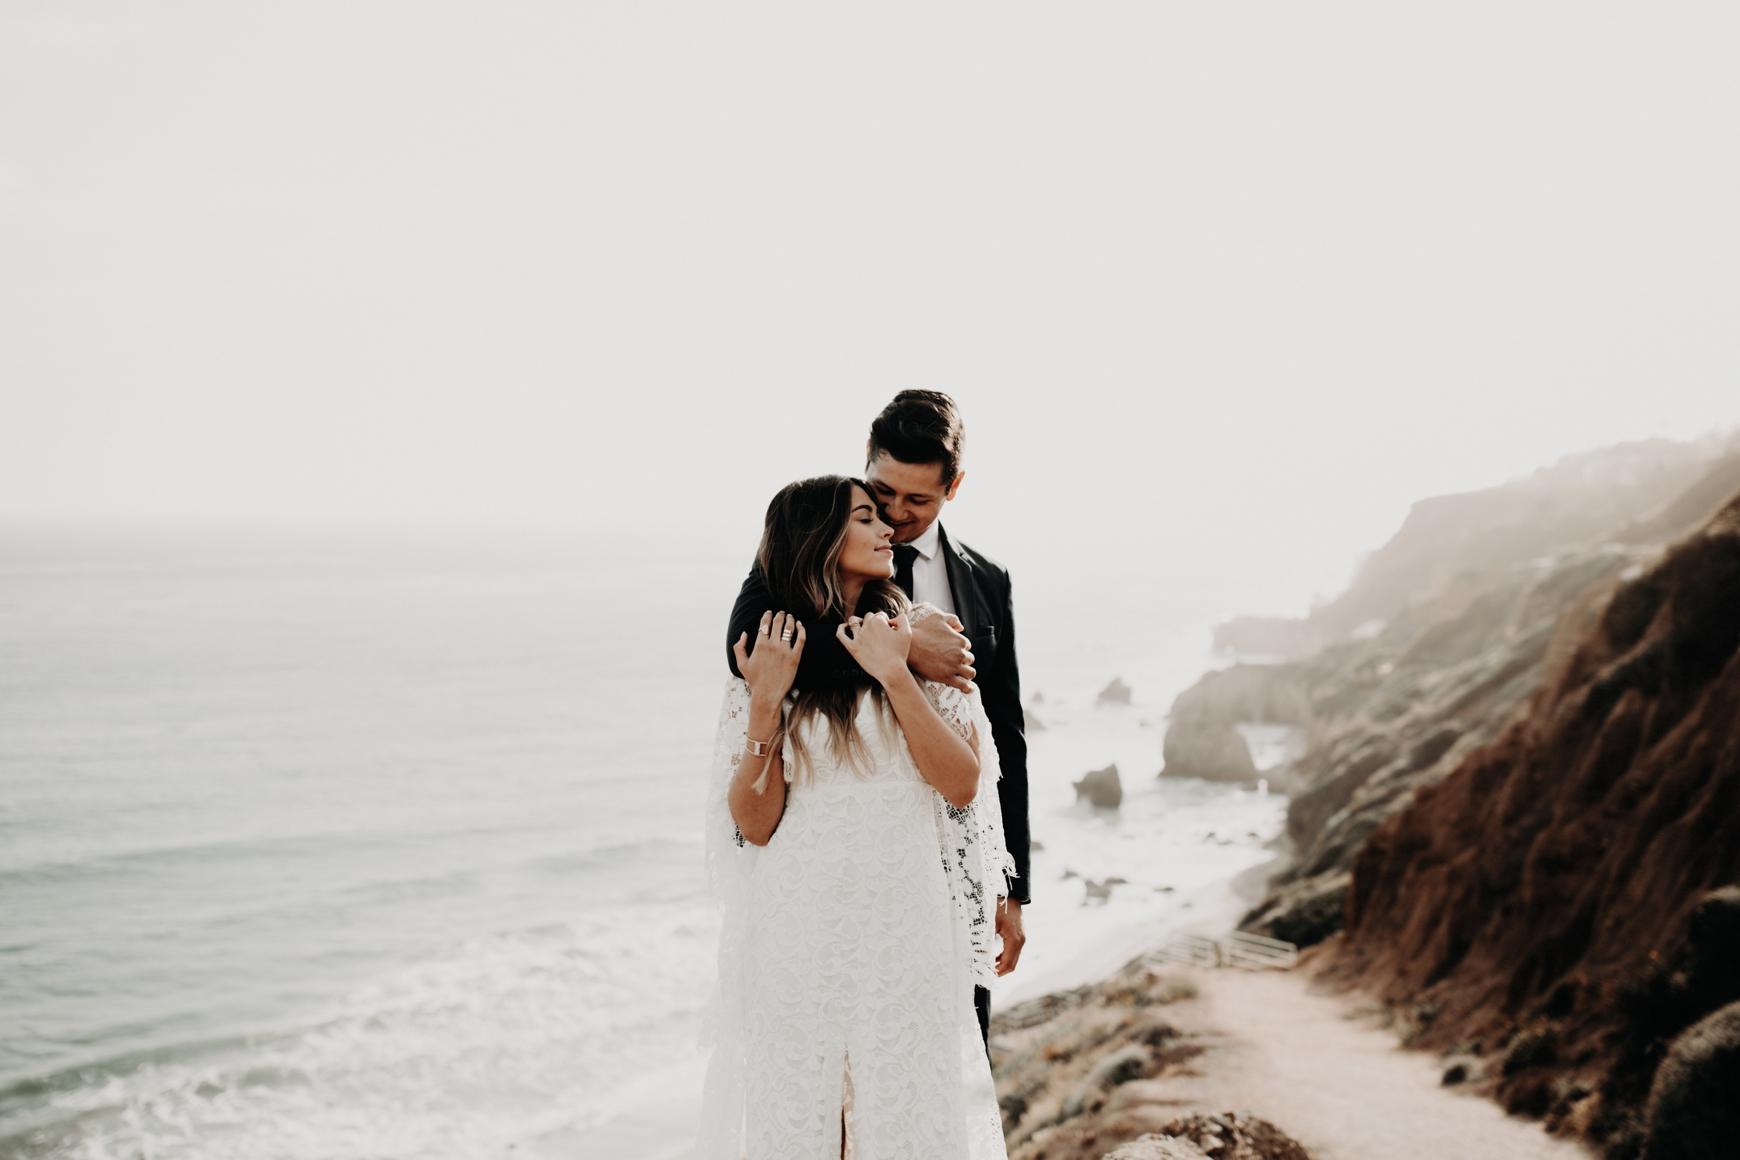 El Matador Beach Bridal Portraits Justellen & TJ Emily Magers Photography-74Emily Magers Photography.jpg